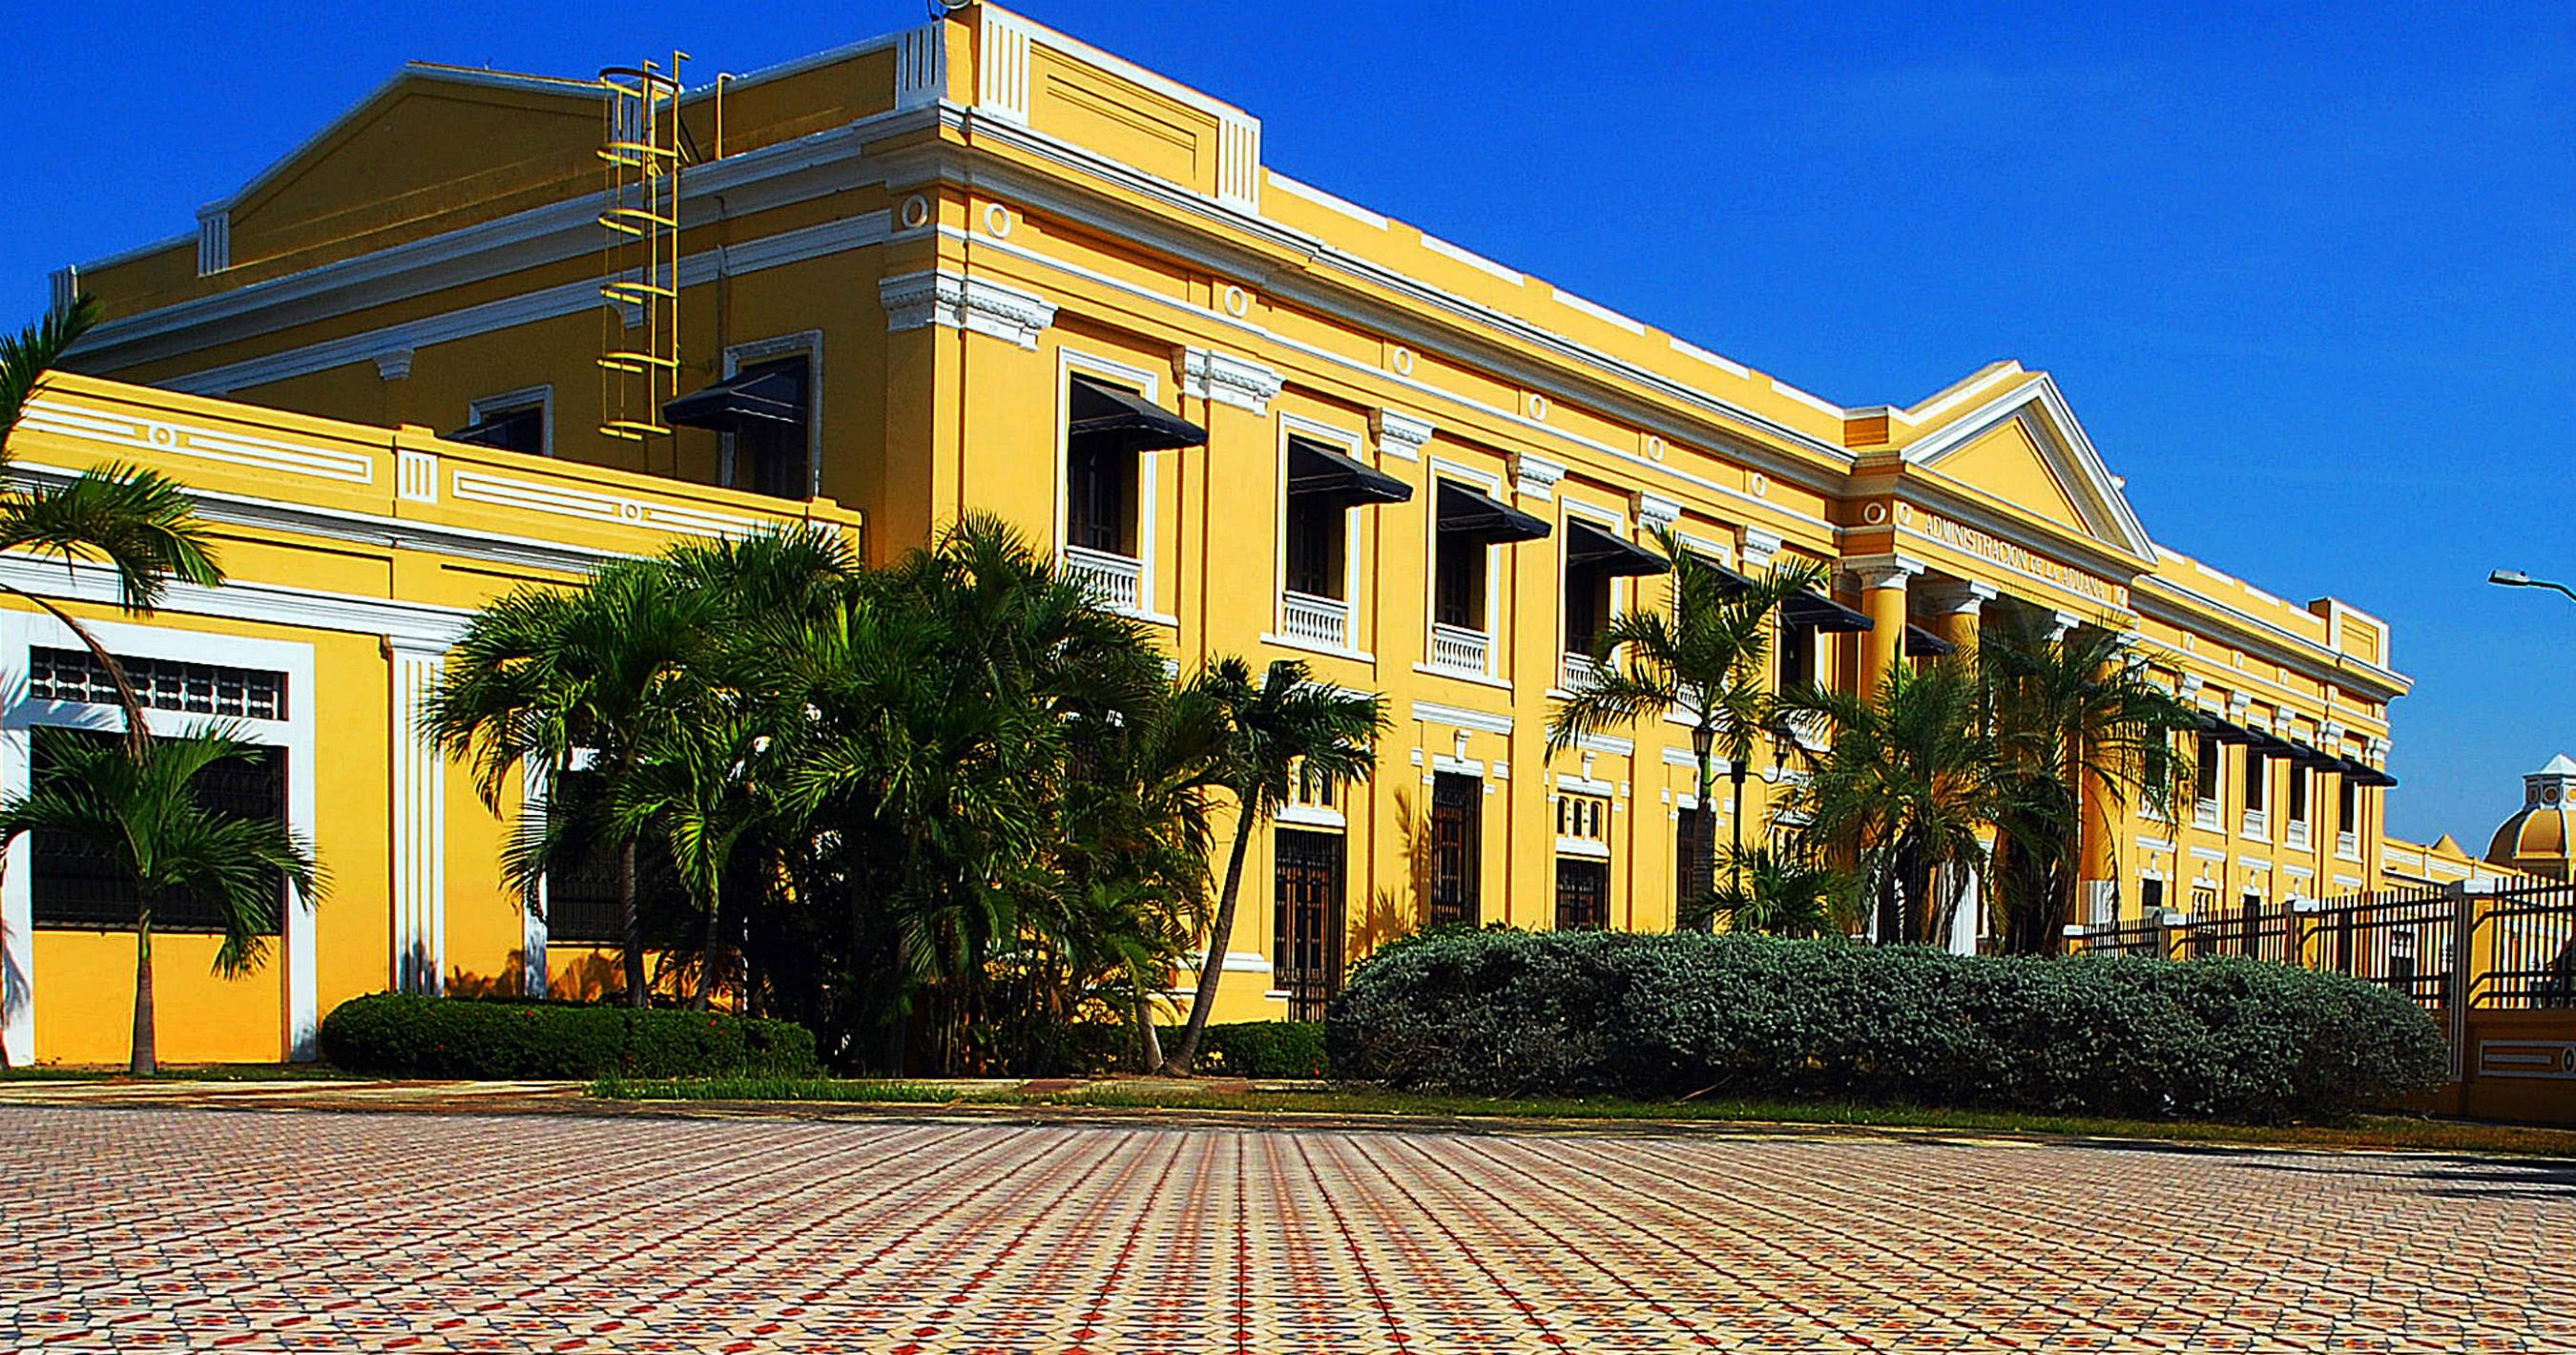 Edificio de la Aduana en el centro de la localidad colombiana de Barranquilla. Foto Cortesía Alcaldía de Barranquilla